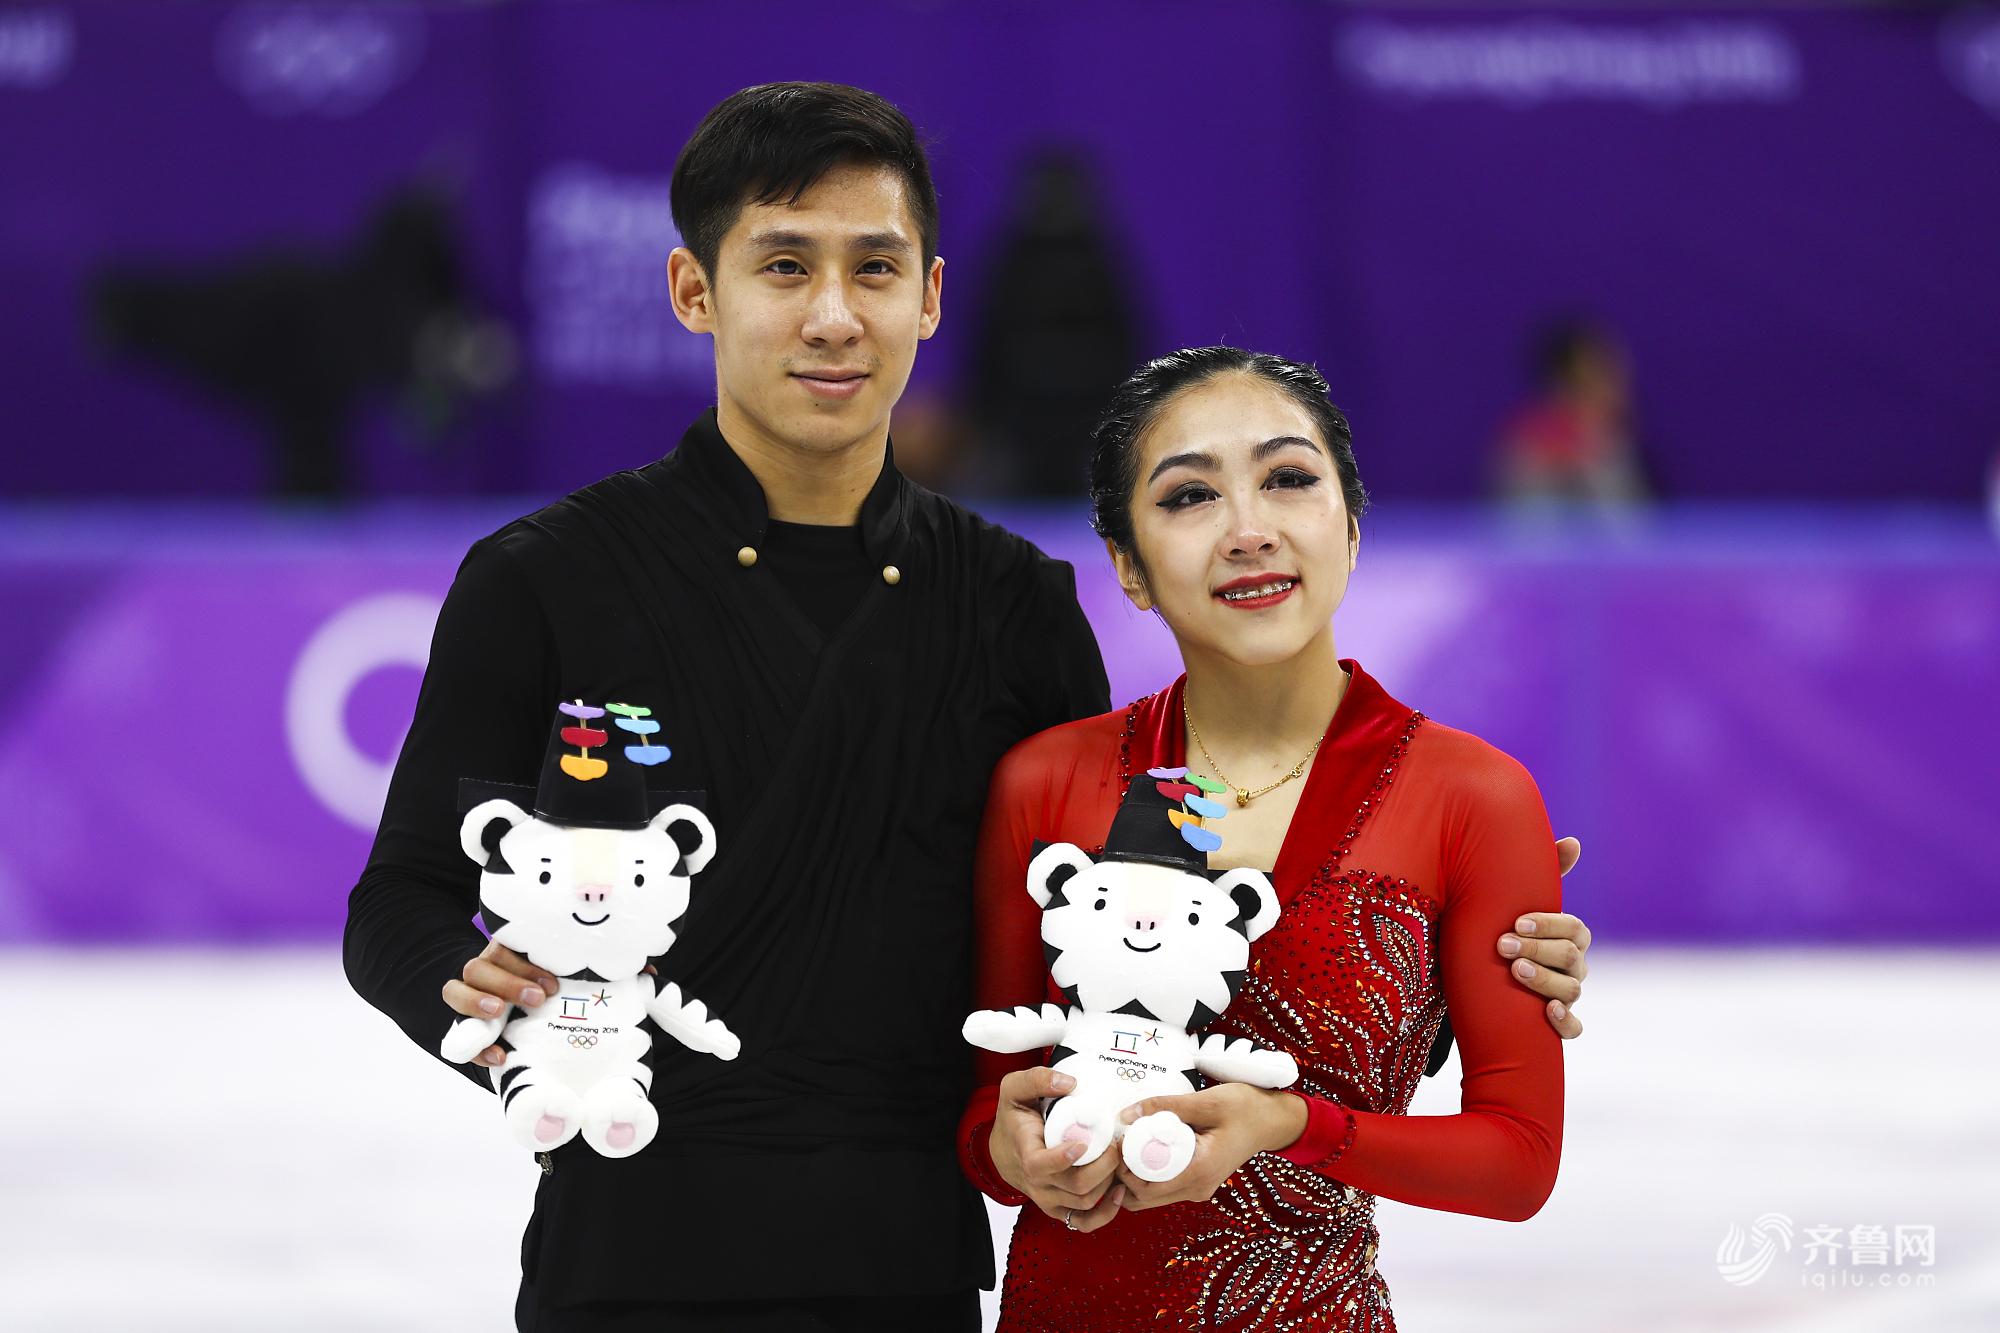 2018平昌冬奥会花滑双人自由滑颁奖:韩聪/隋文静摘银